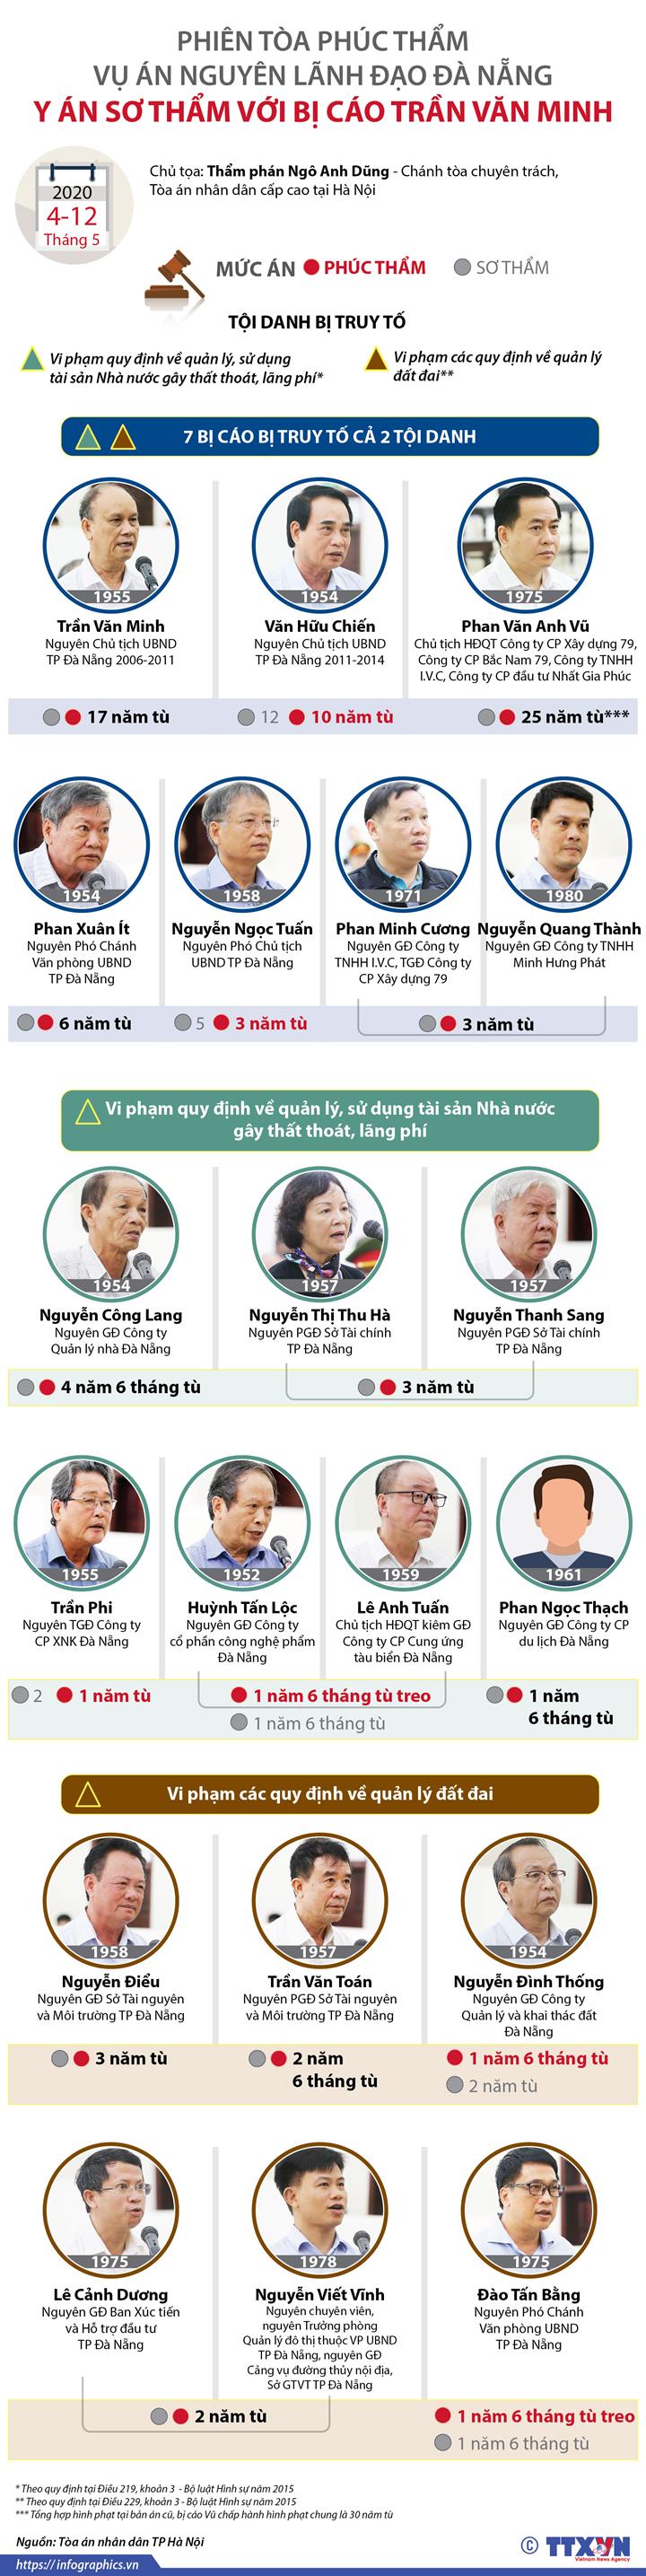 Phiên tòa phúc thẩm vụ án nguyên lãnh đạo Đà Nẵng: Y án sơ thẩm với bị cáo Trần Văn Minh